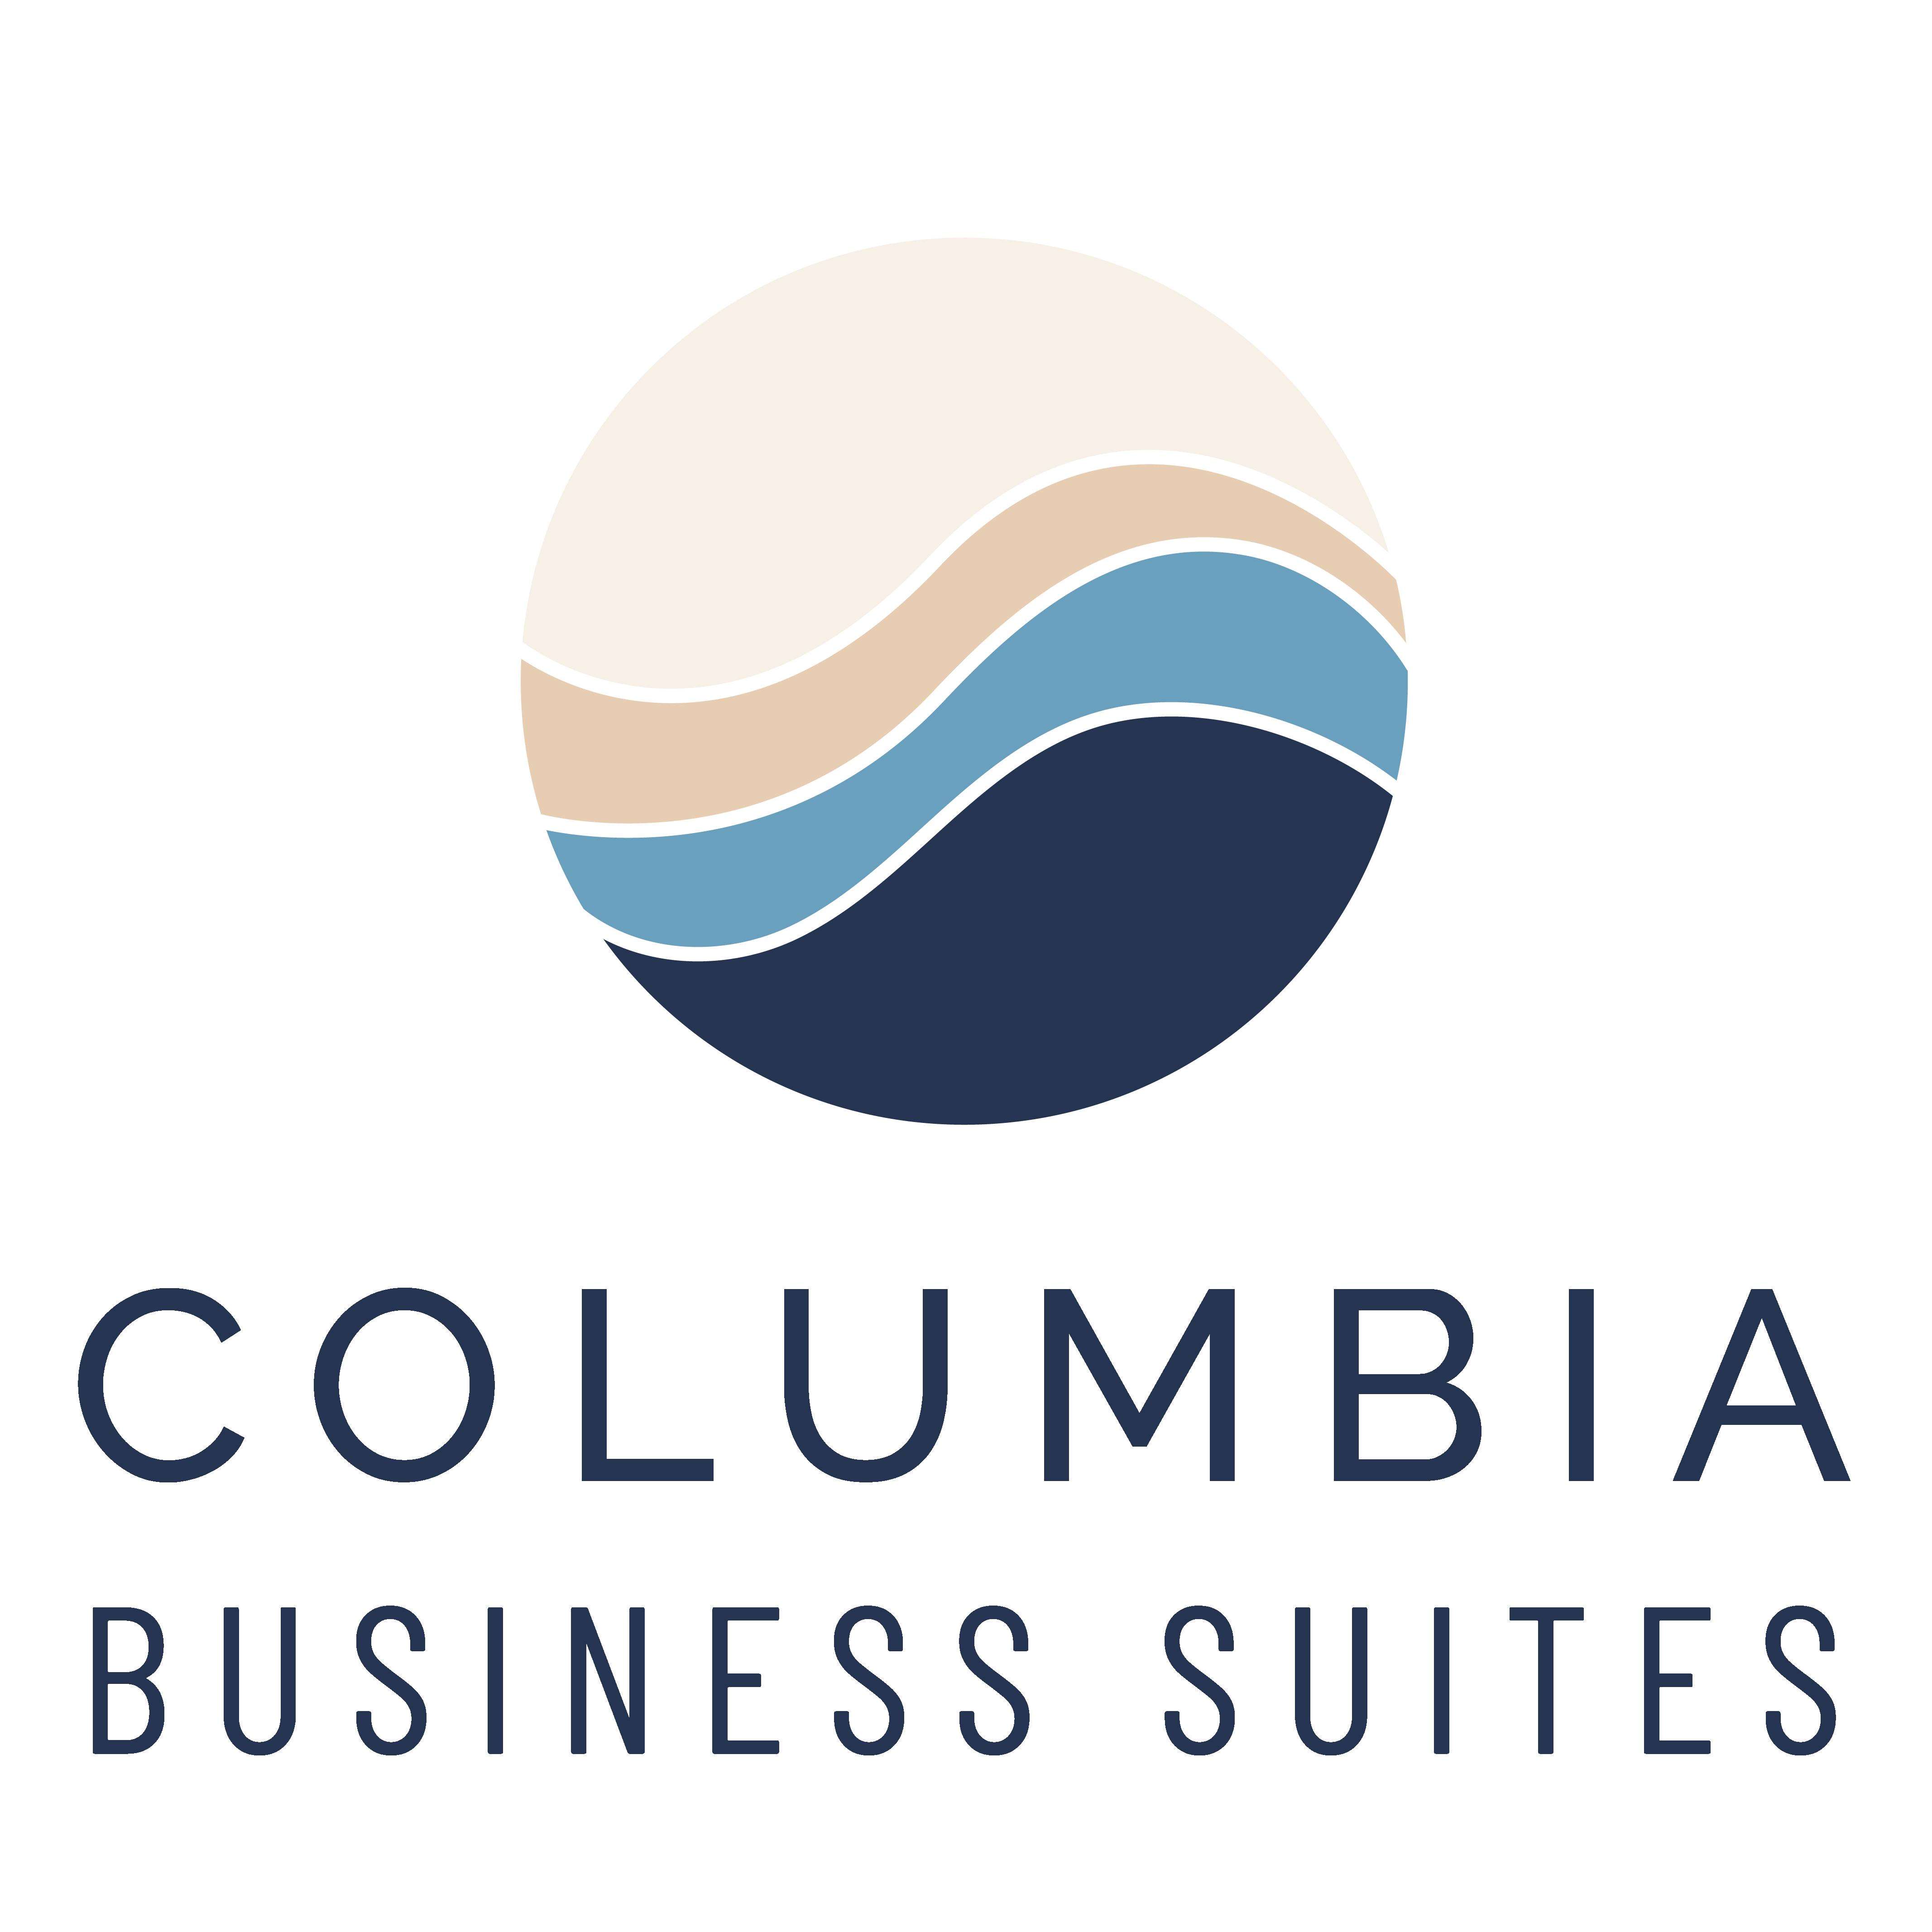 Columbia Business Suites Logos_CBS - square